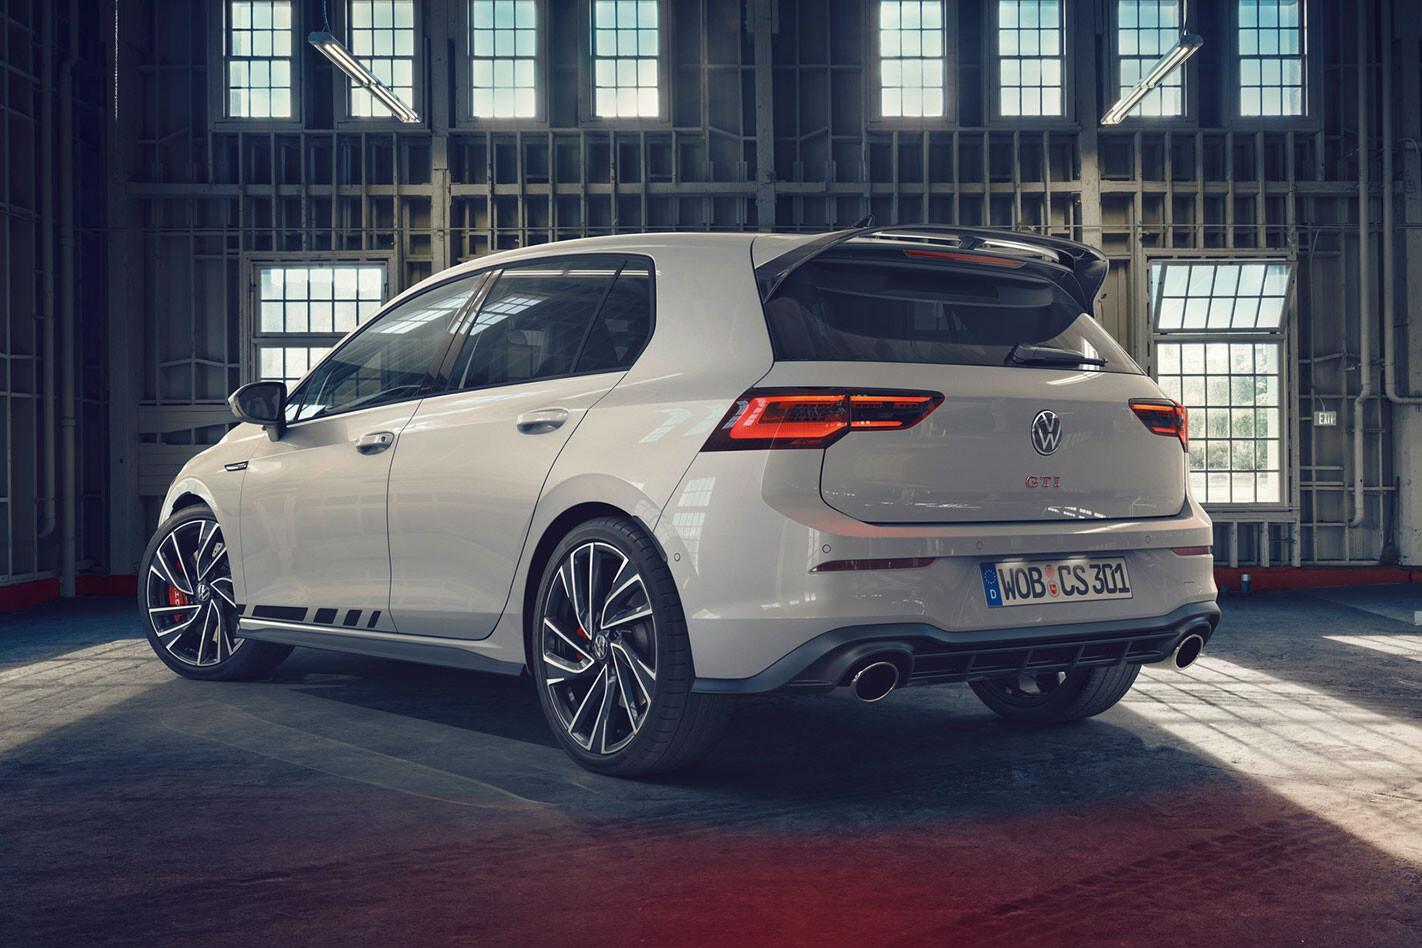 2020 VW Golf GTI Clubsport rear